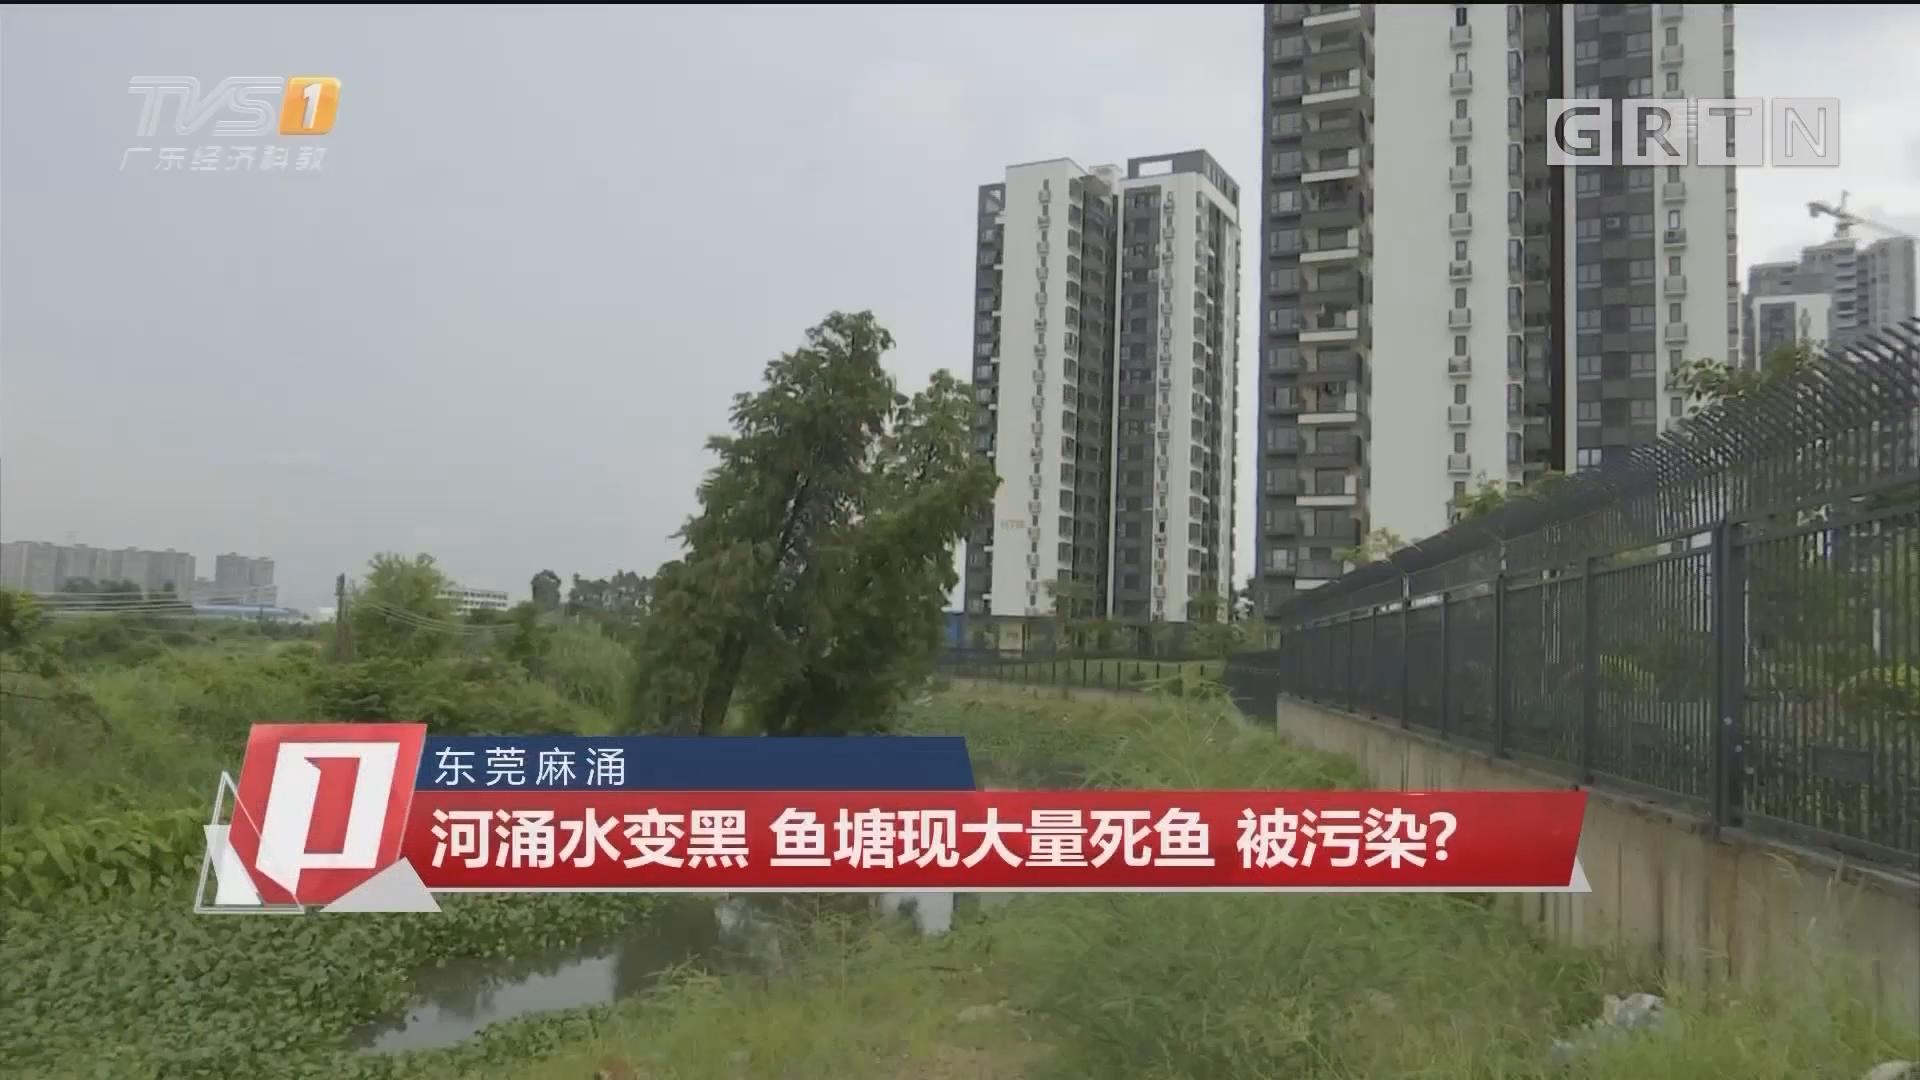 东莞麻涌:河涌水变黑 鱼塘现大量死鱼 被污染?